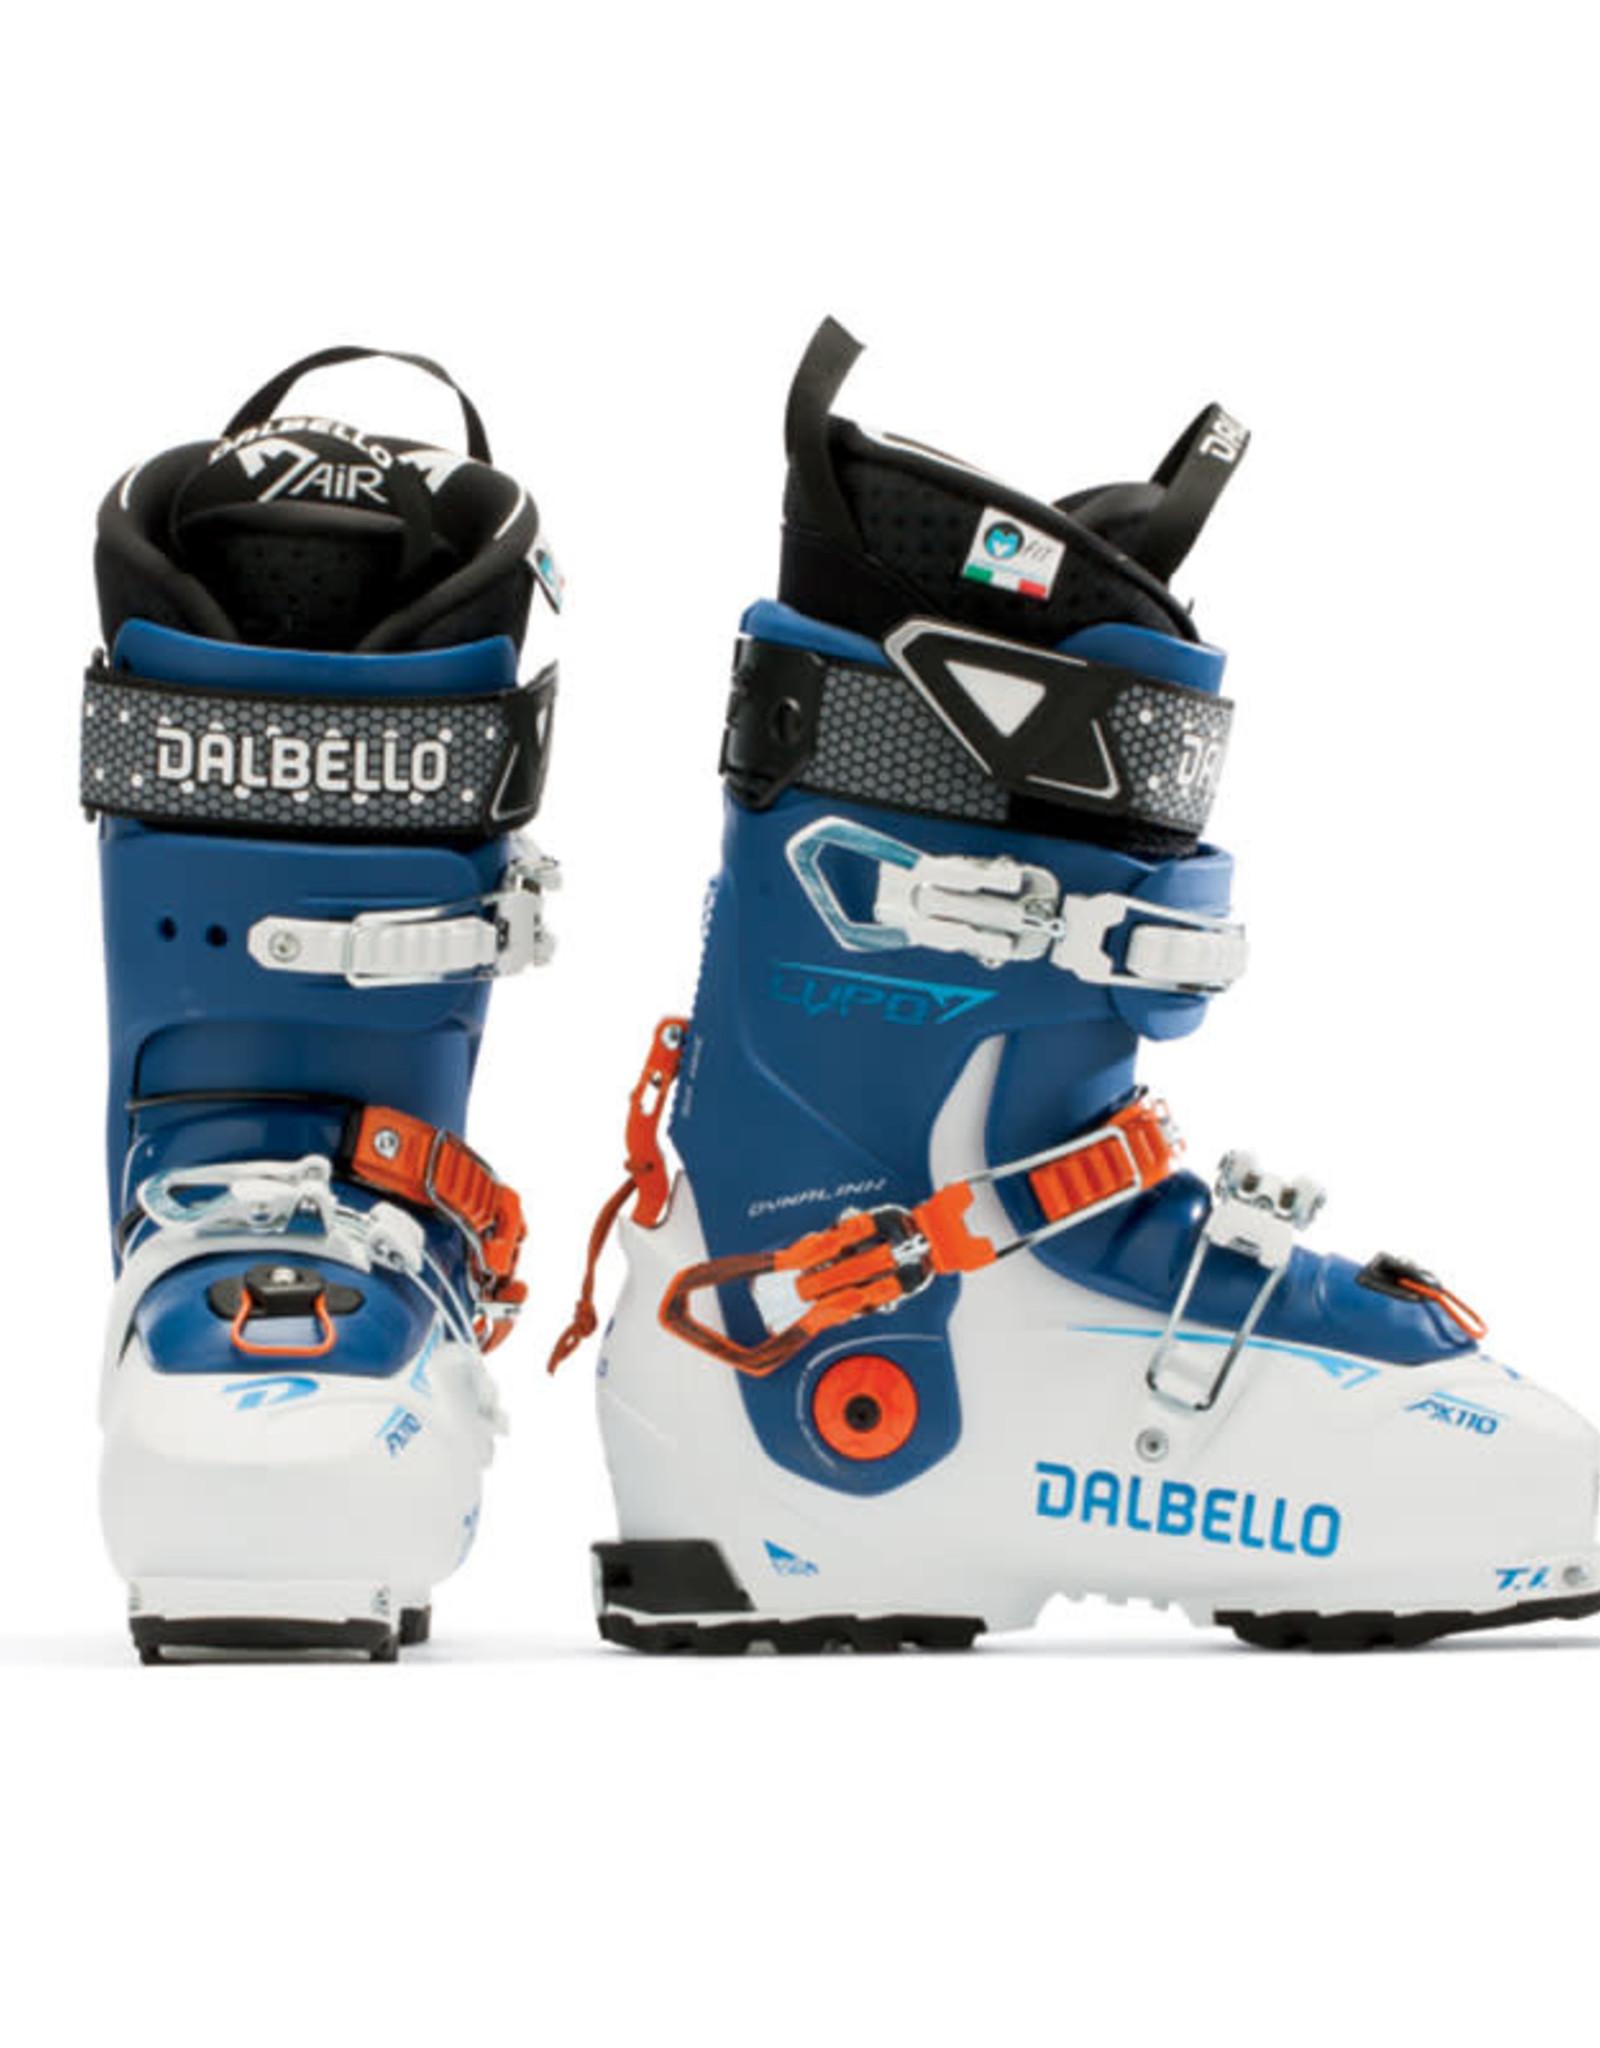 Dalbello DALBELLO W LUPO AX 110 F18